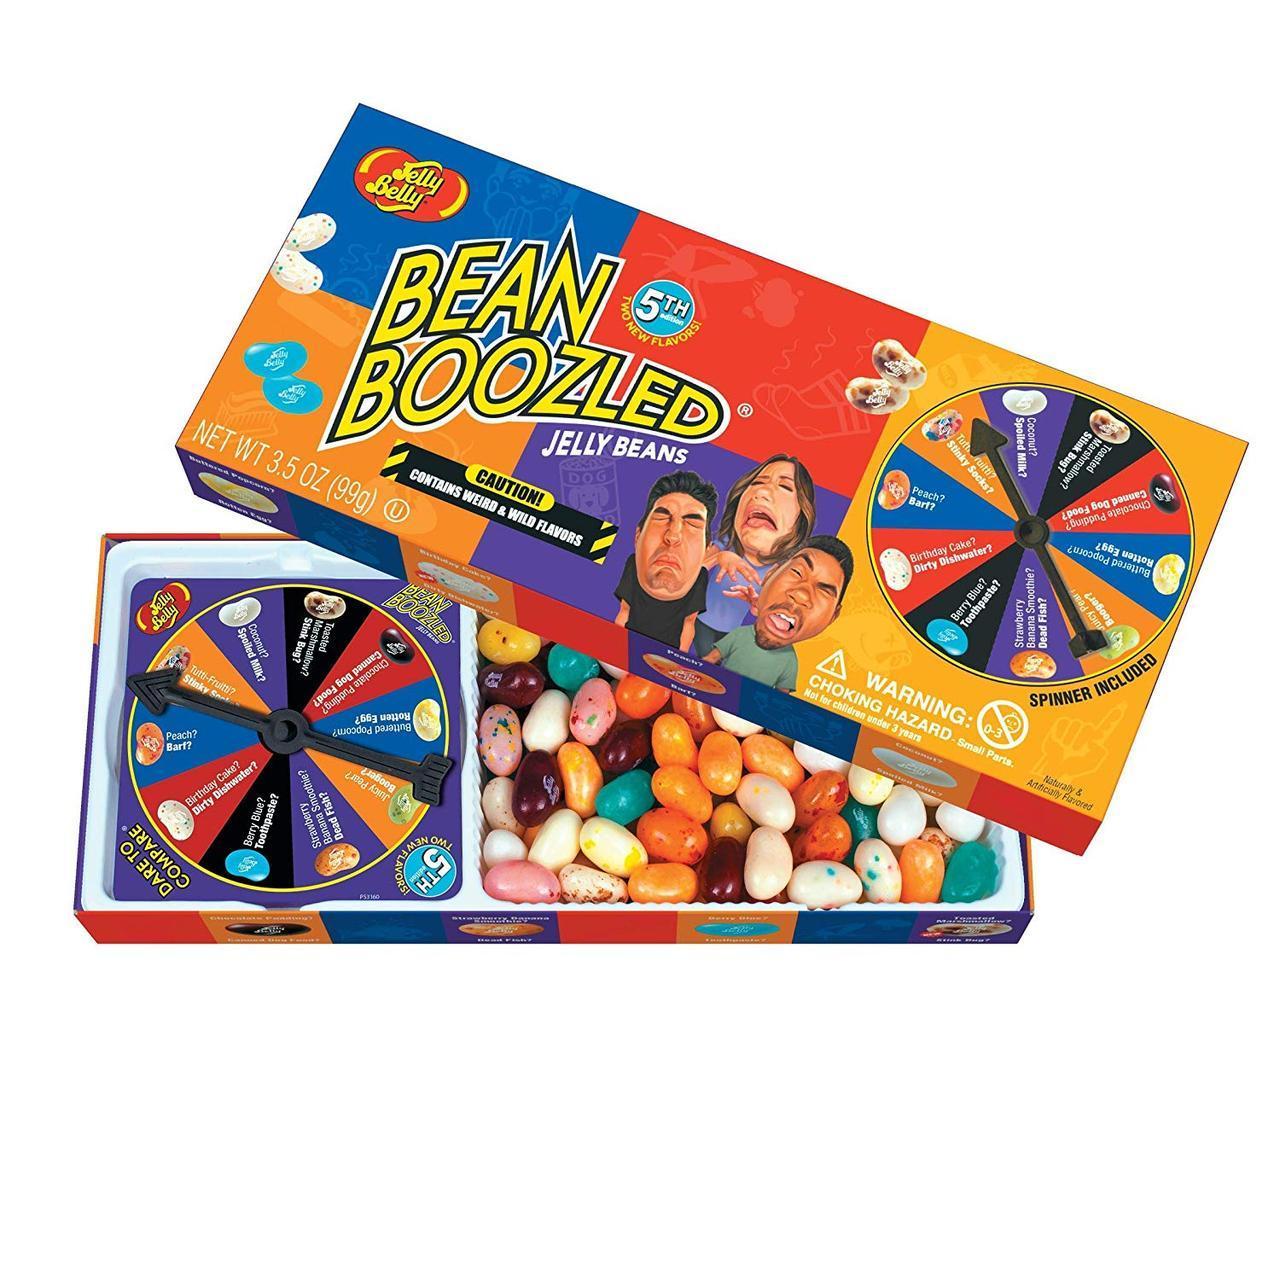 Игра Bean Boozled 5! Game. НОВОЕ ИЗДАНИЕ!!!  рулетка и конфеты! Jelly Belly.Бин Бузлд Джели Бели. Издание 5!